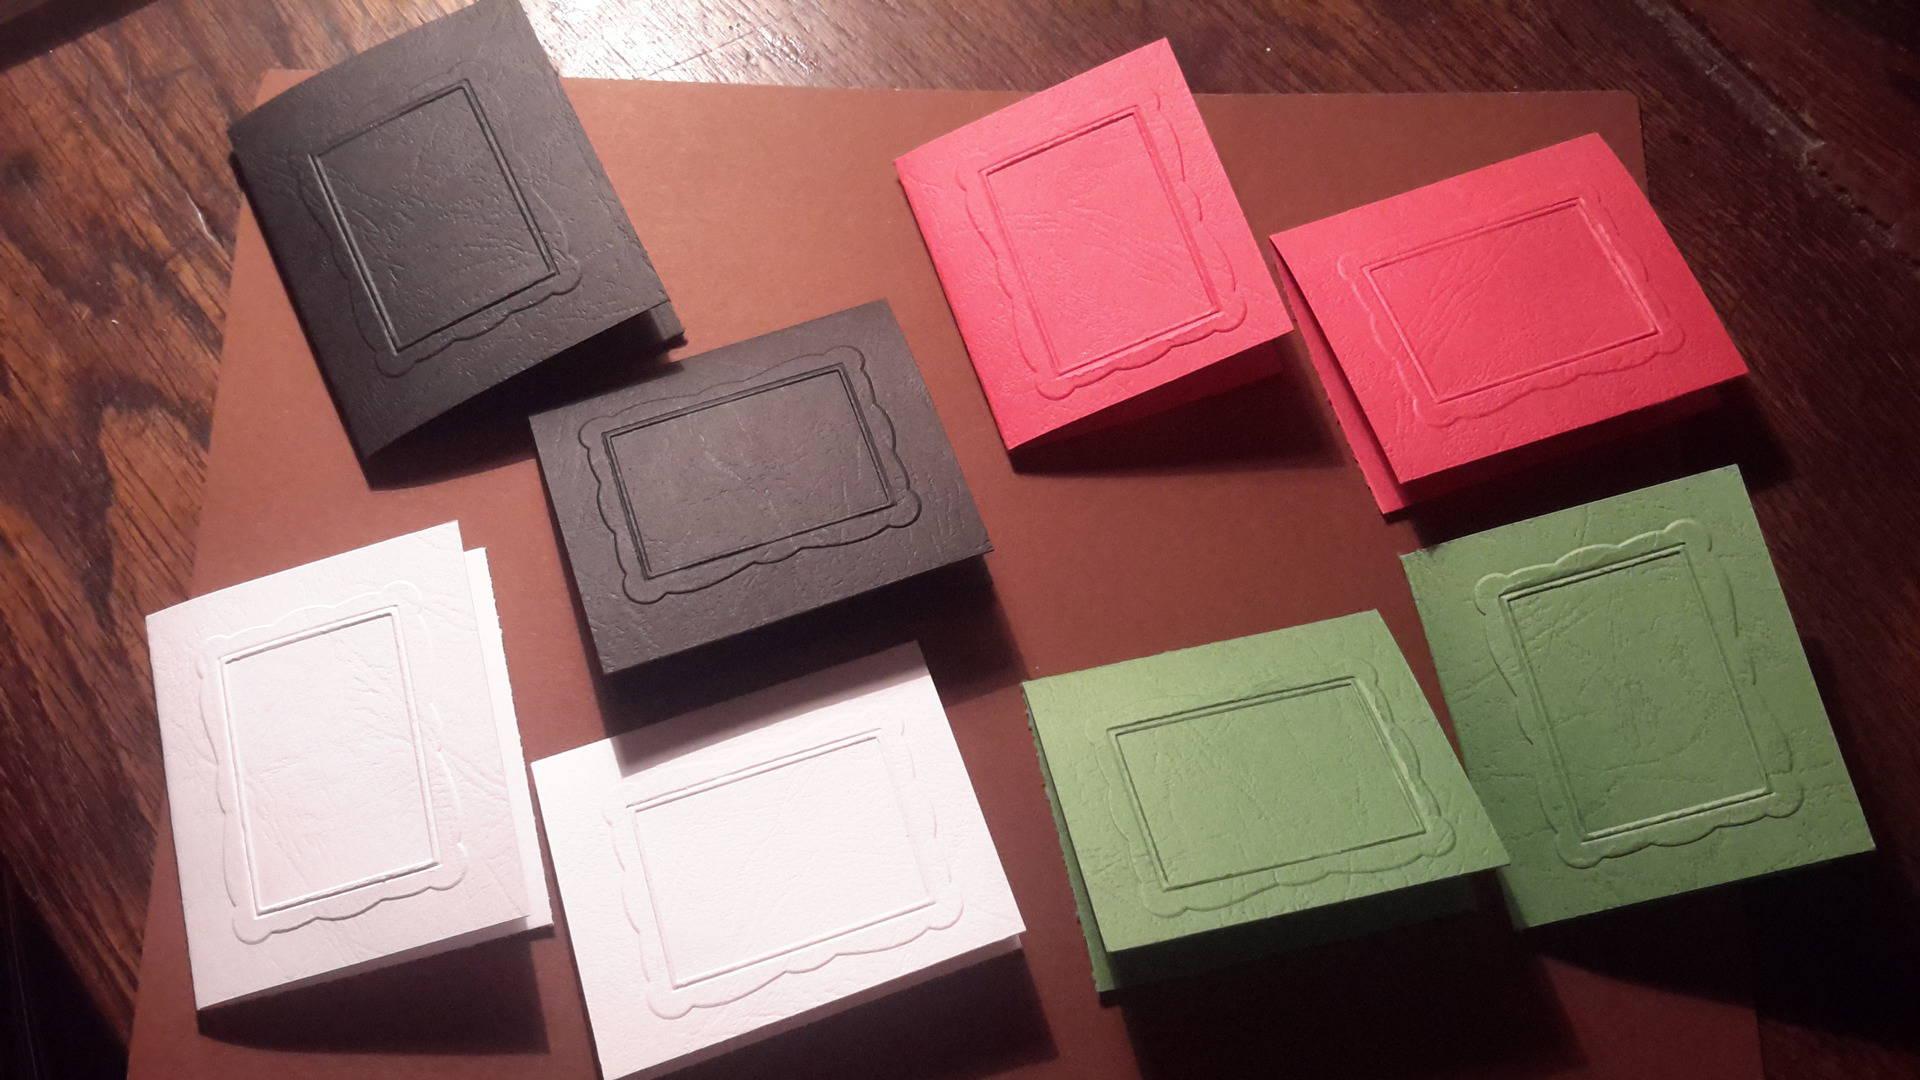 Lot de 8 petites cartes doubles embossées  avec un cadre rectangulaire . Pour créations de cartes